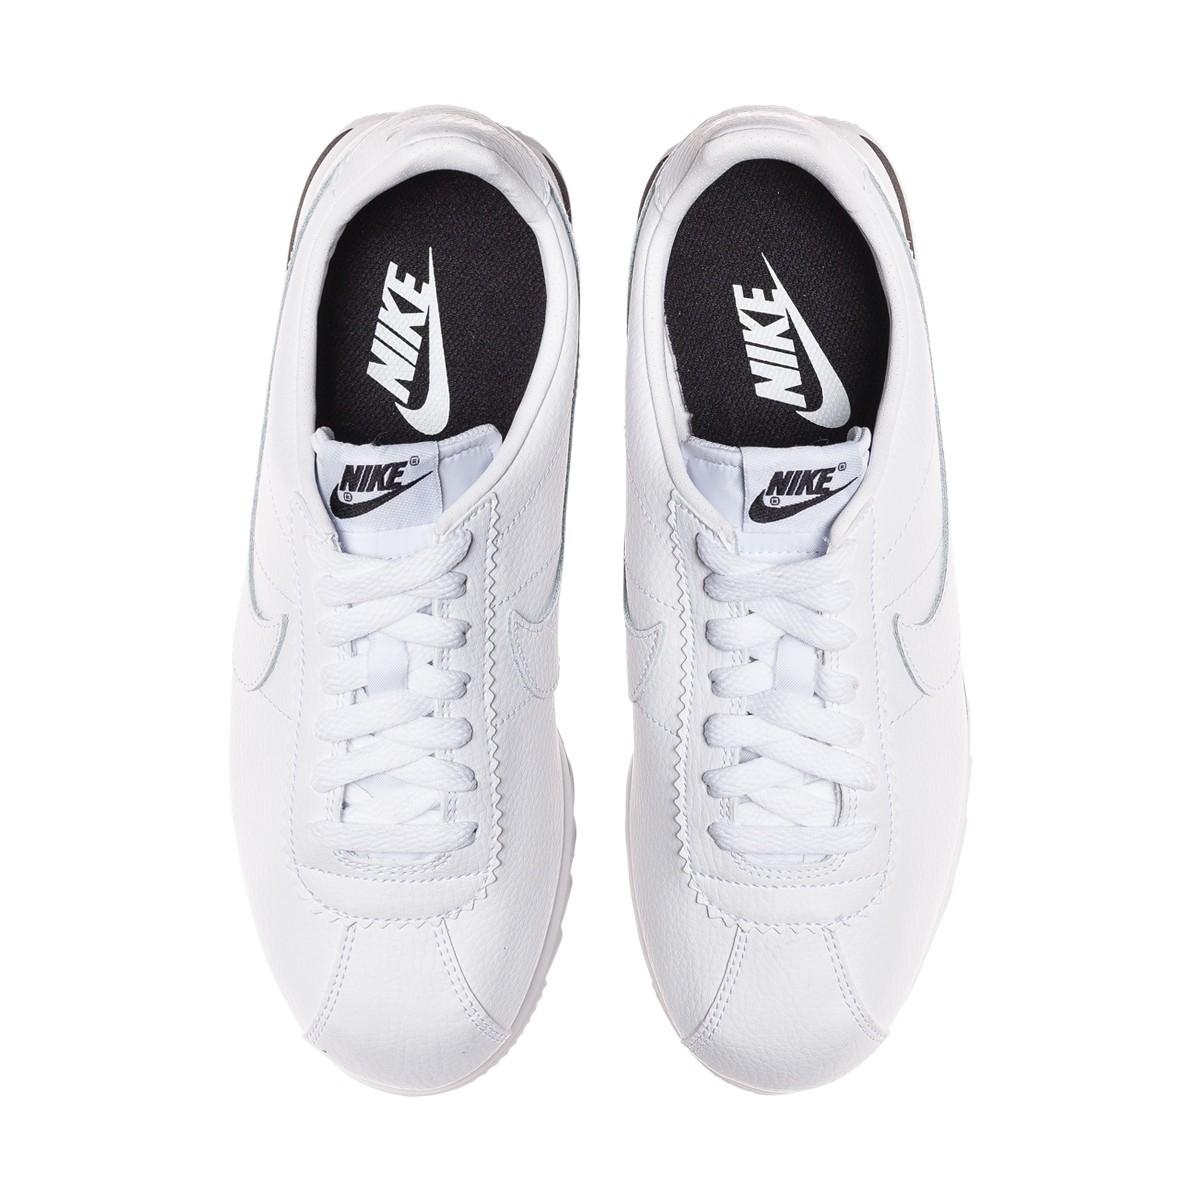 Nike Cortez Epic White